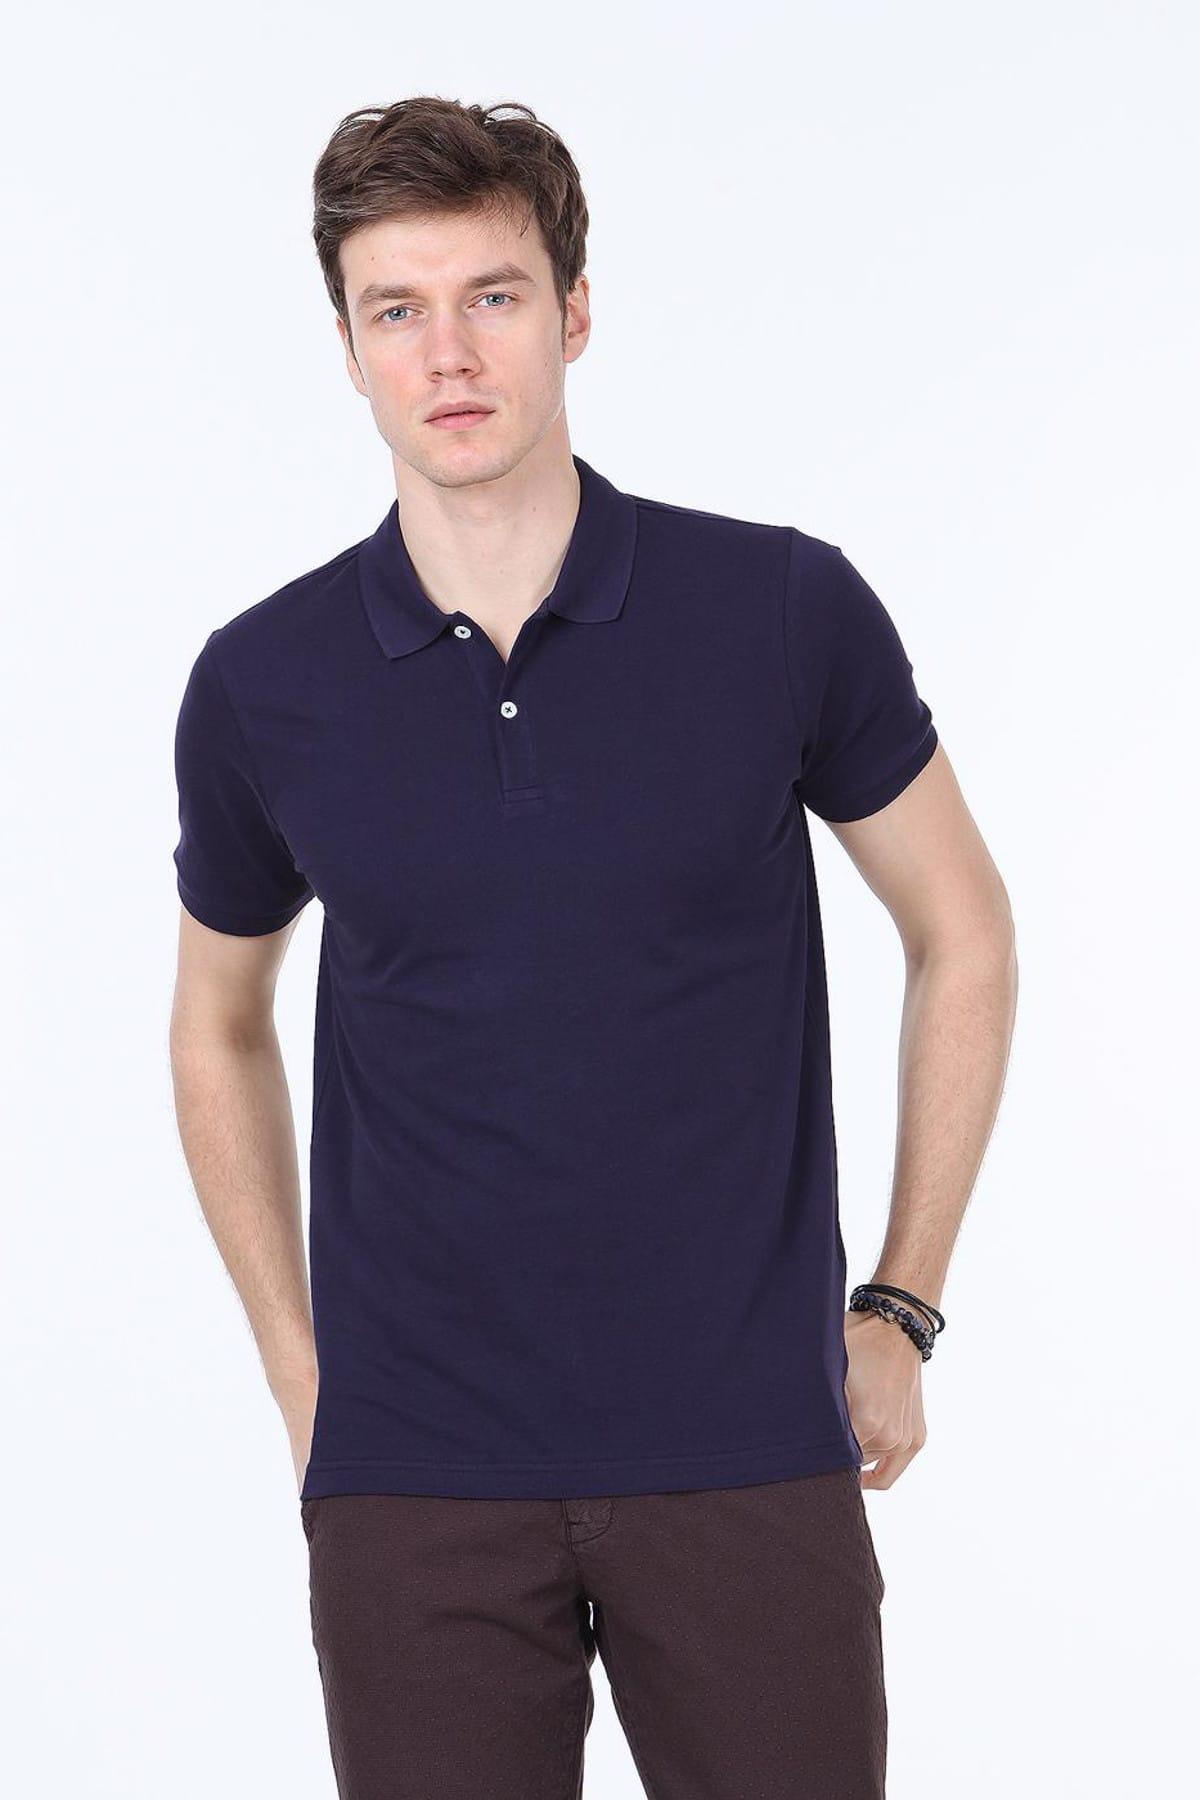 Ramsey Örme T-Shirt - RP10114201 1